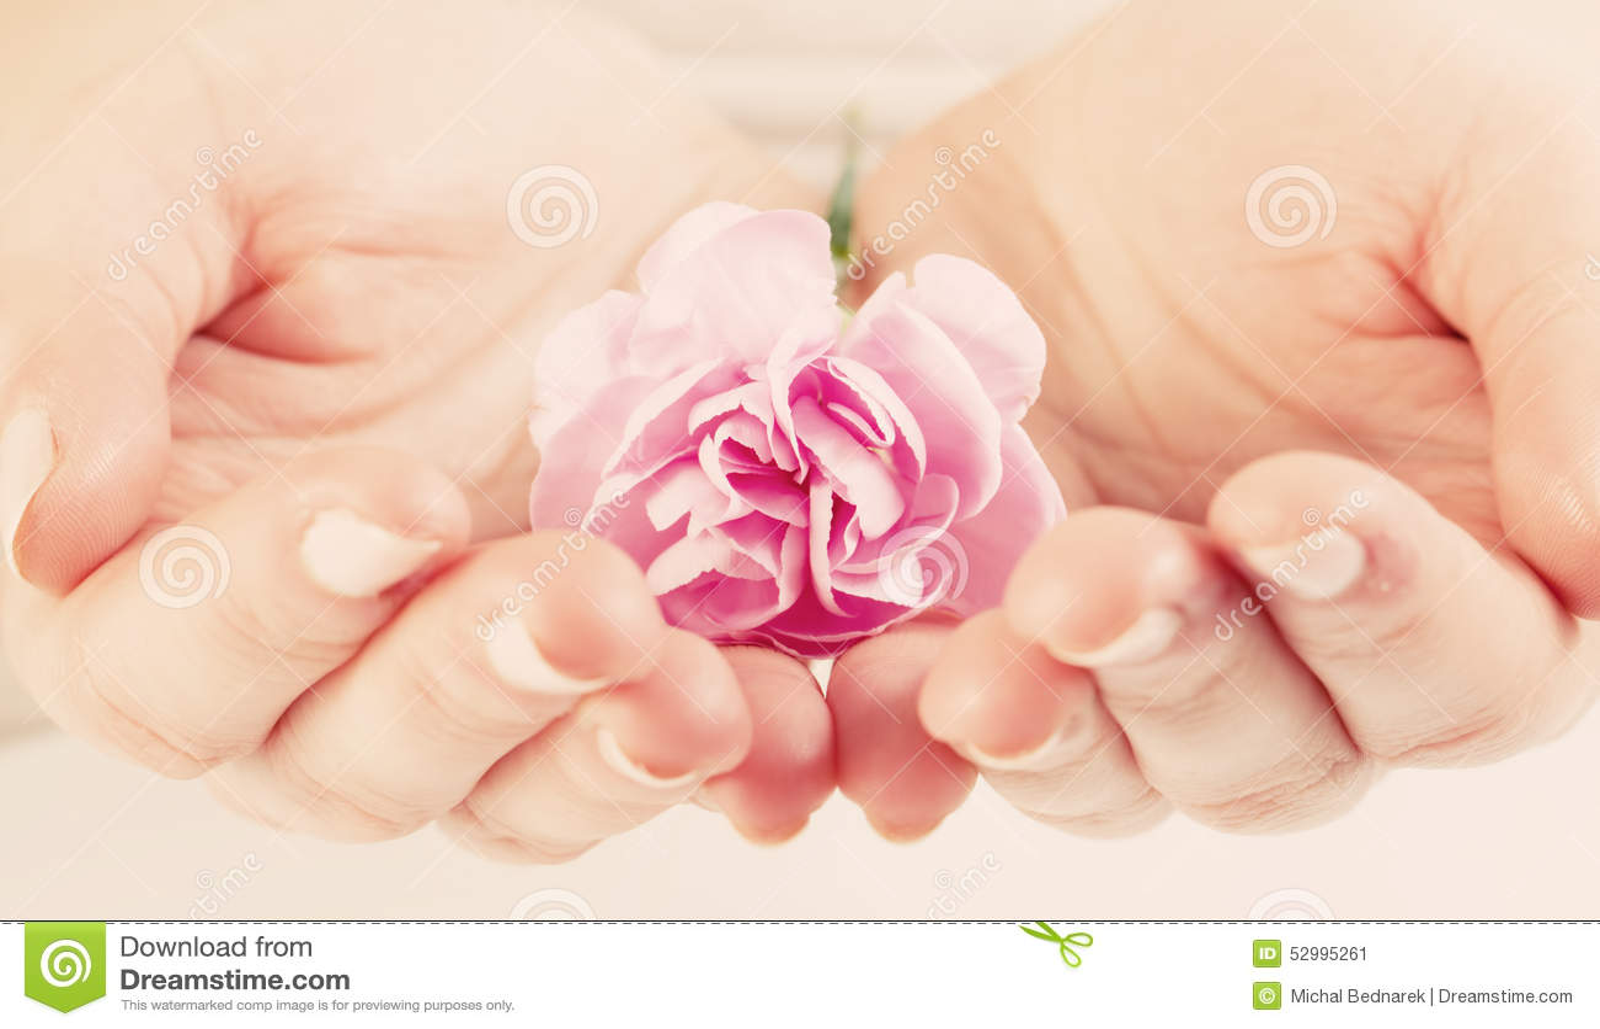 Фото цветы в руках женщины